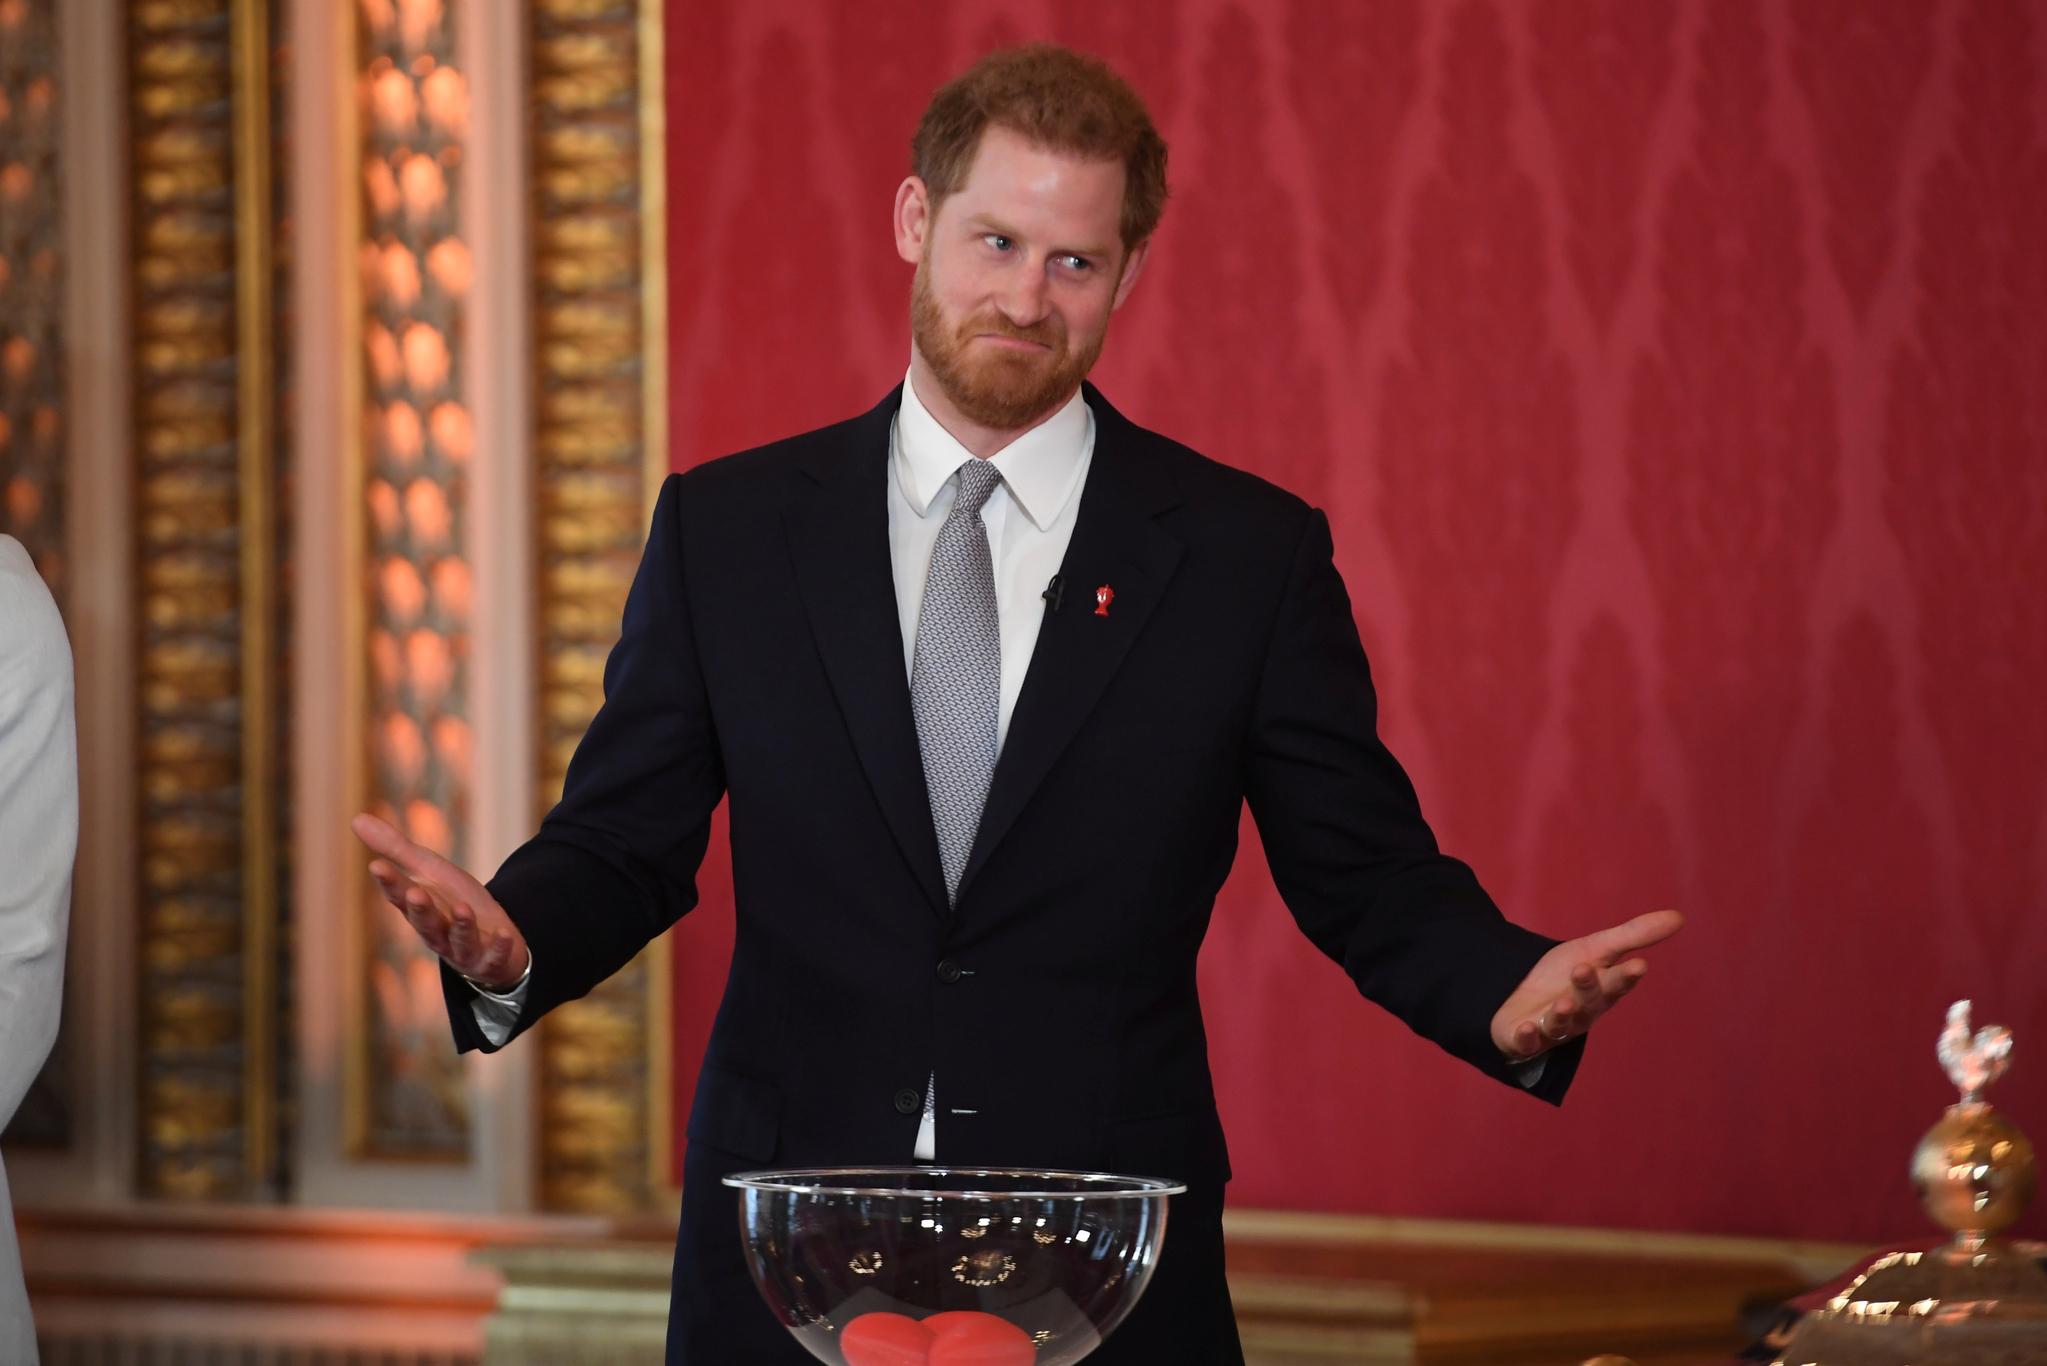 영국 해리 왕자가 16일(현지시간) 런던 버킹엄 궁에서 열린 럭비리그 월드컵 조 추첨 행사에 참석했다. [로이터=연합뉴스]